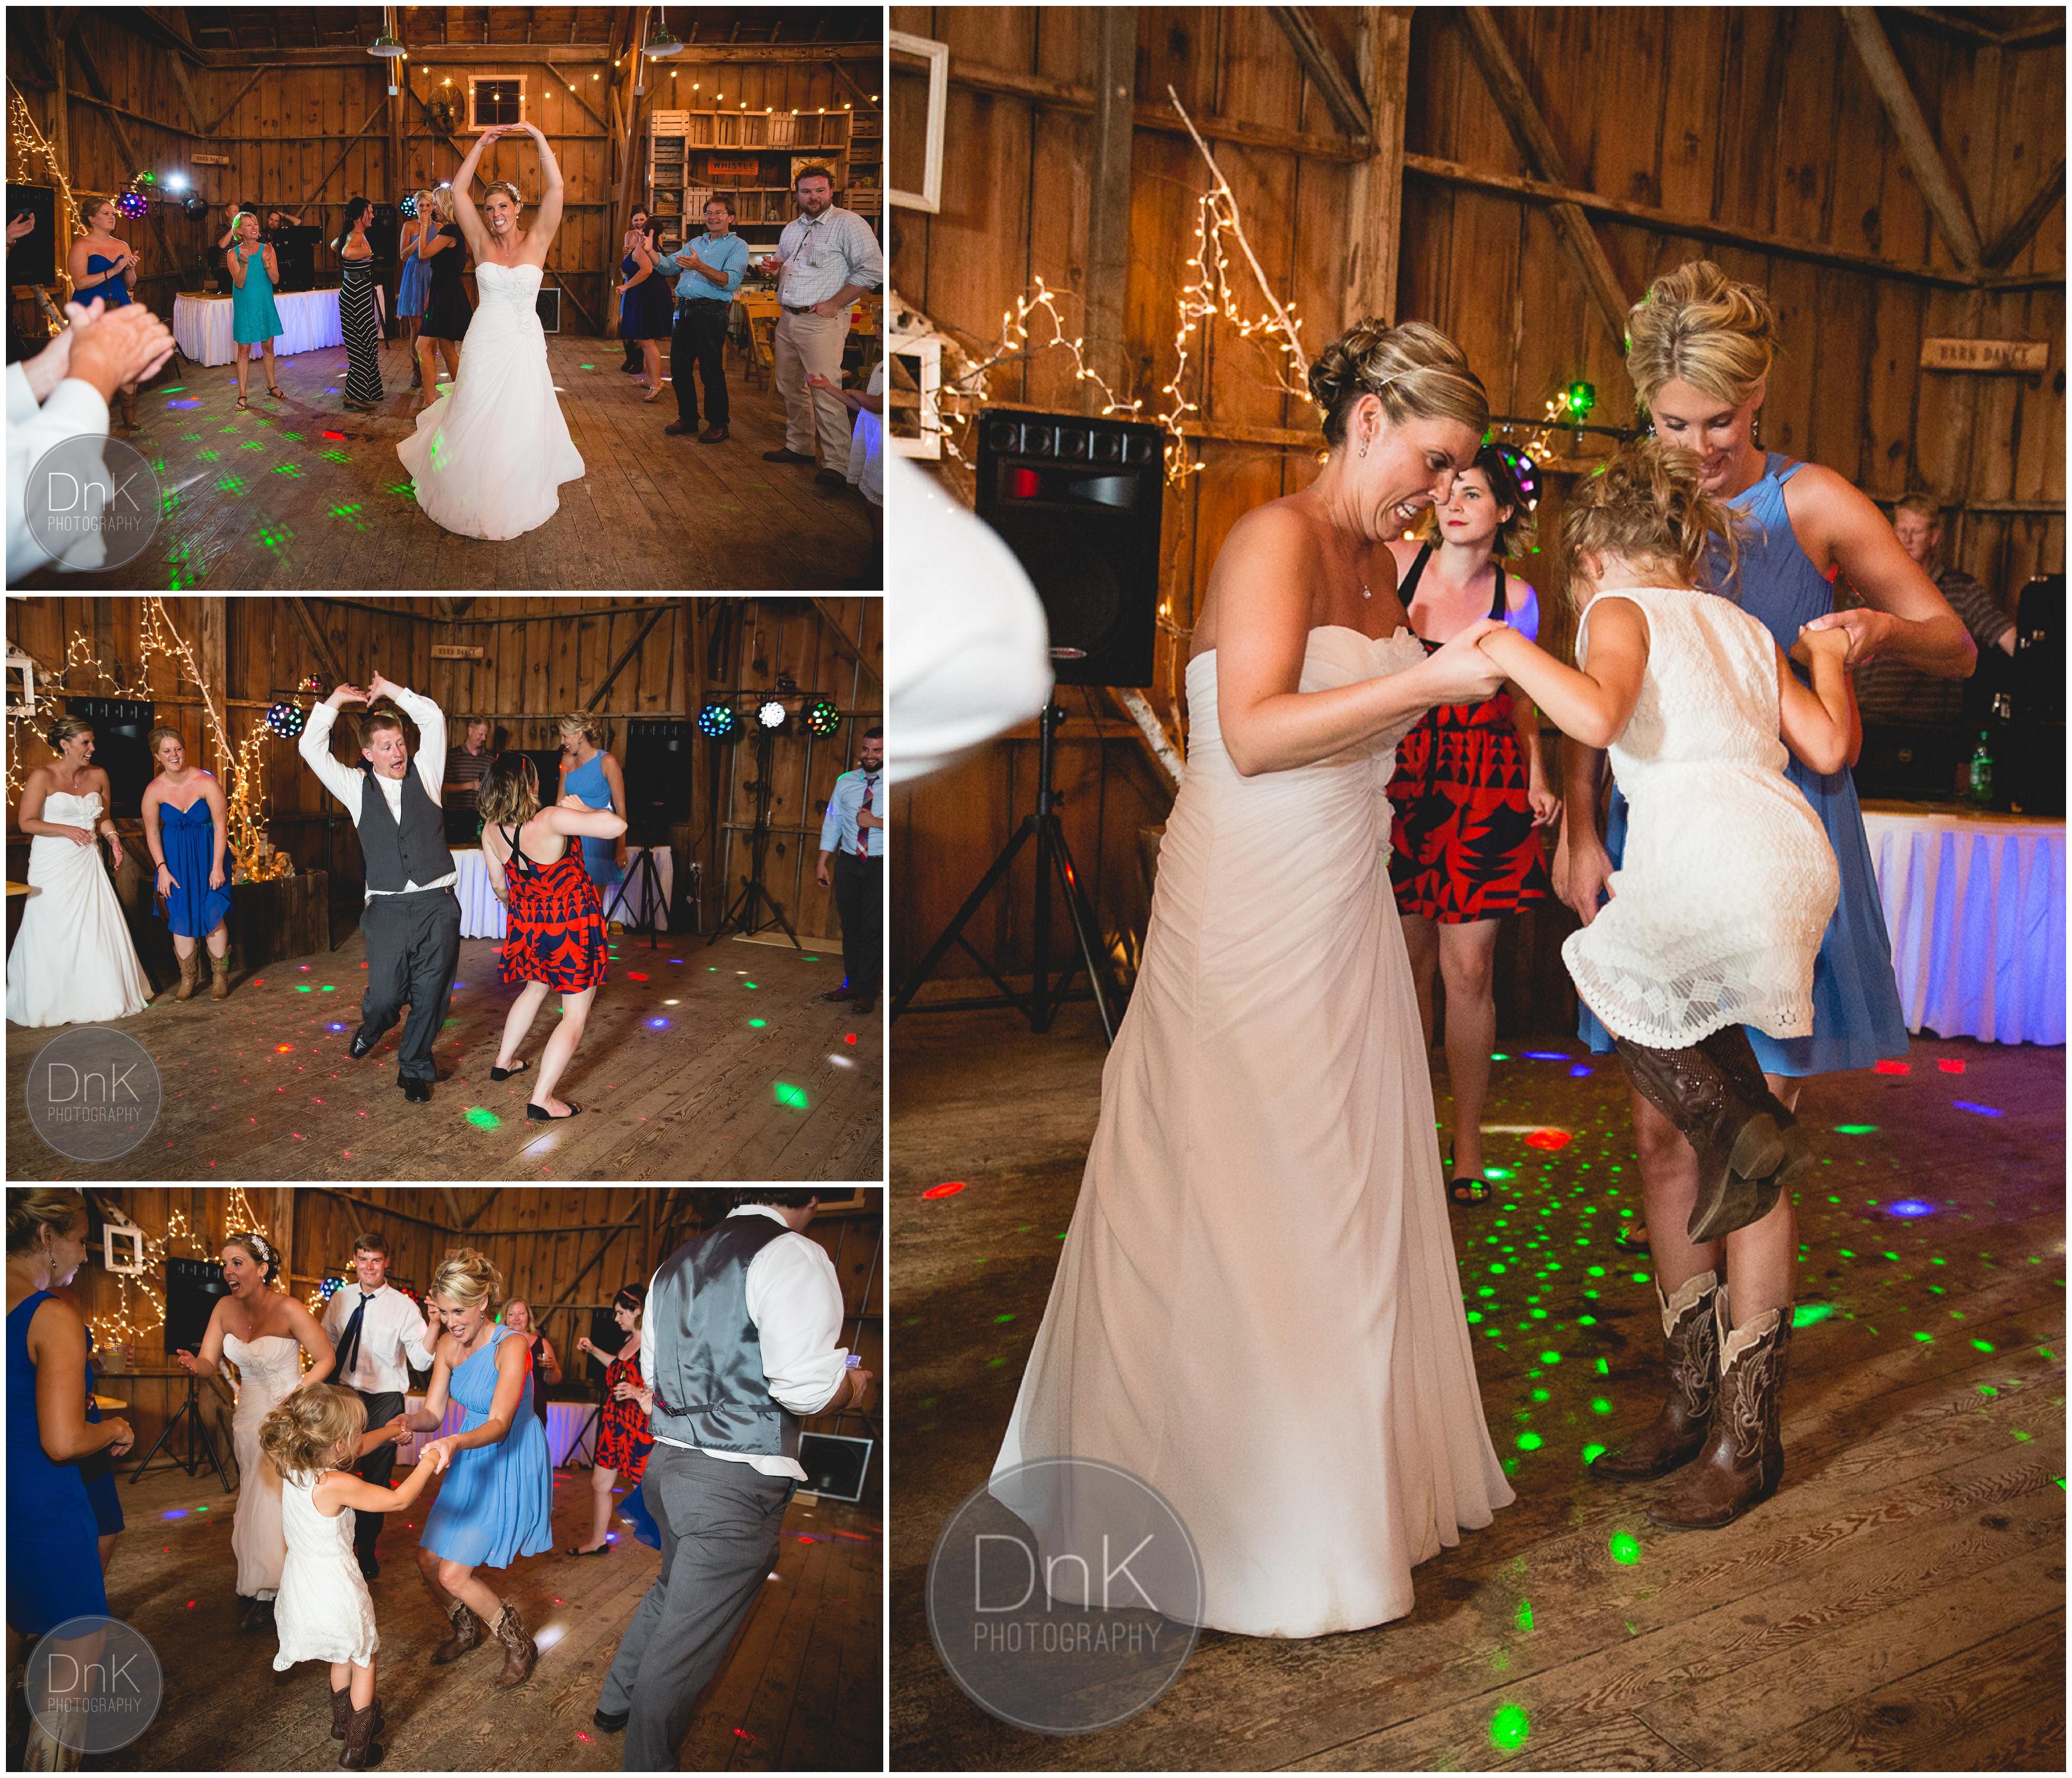 47- Dellwood Barn Wedding Dance